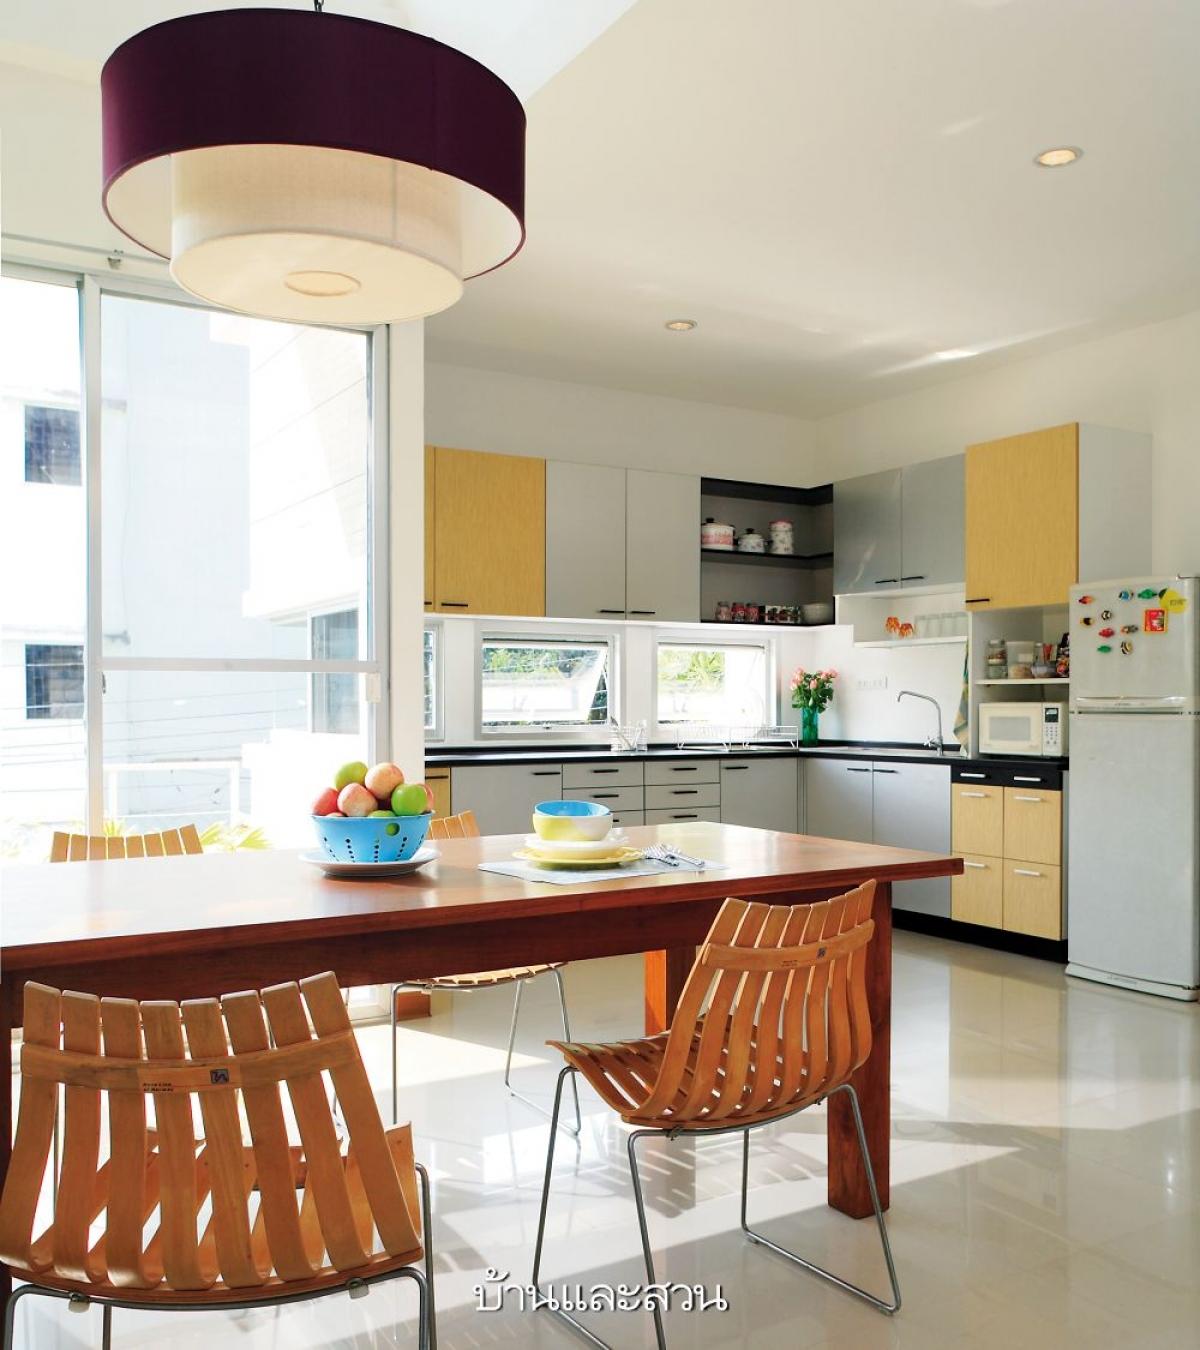 Căn bếp được bố trí đơn giản với màu sắc nhẹ nhàng nhưng vô cùng hấp dẫn, lôi cuốn. Đặc biệt có rất nhiều cửa sổ mang lại một không gian thoáng đãng, ngập tràn ánh sáng.